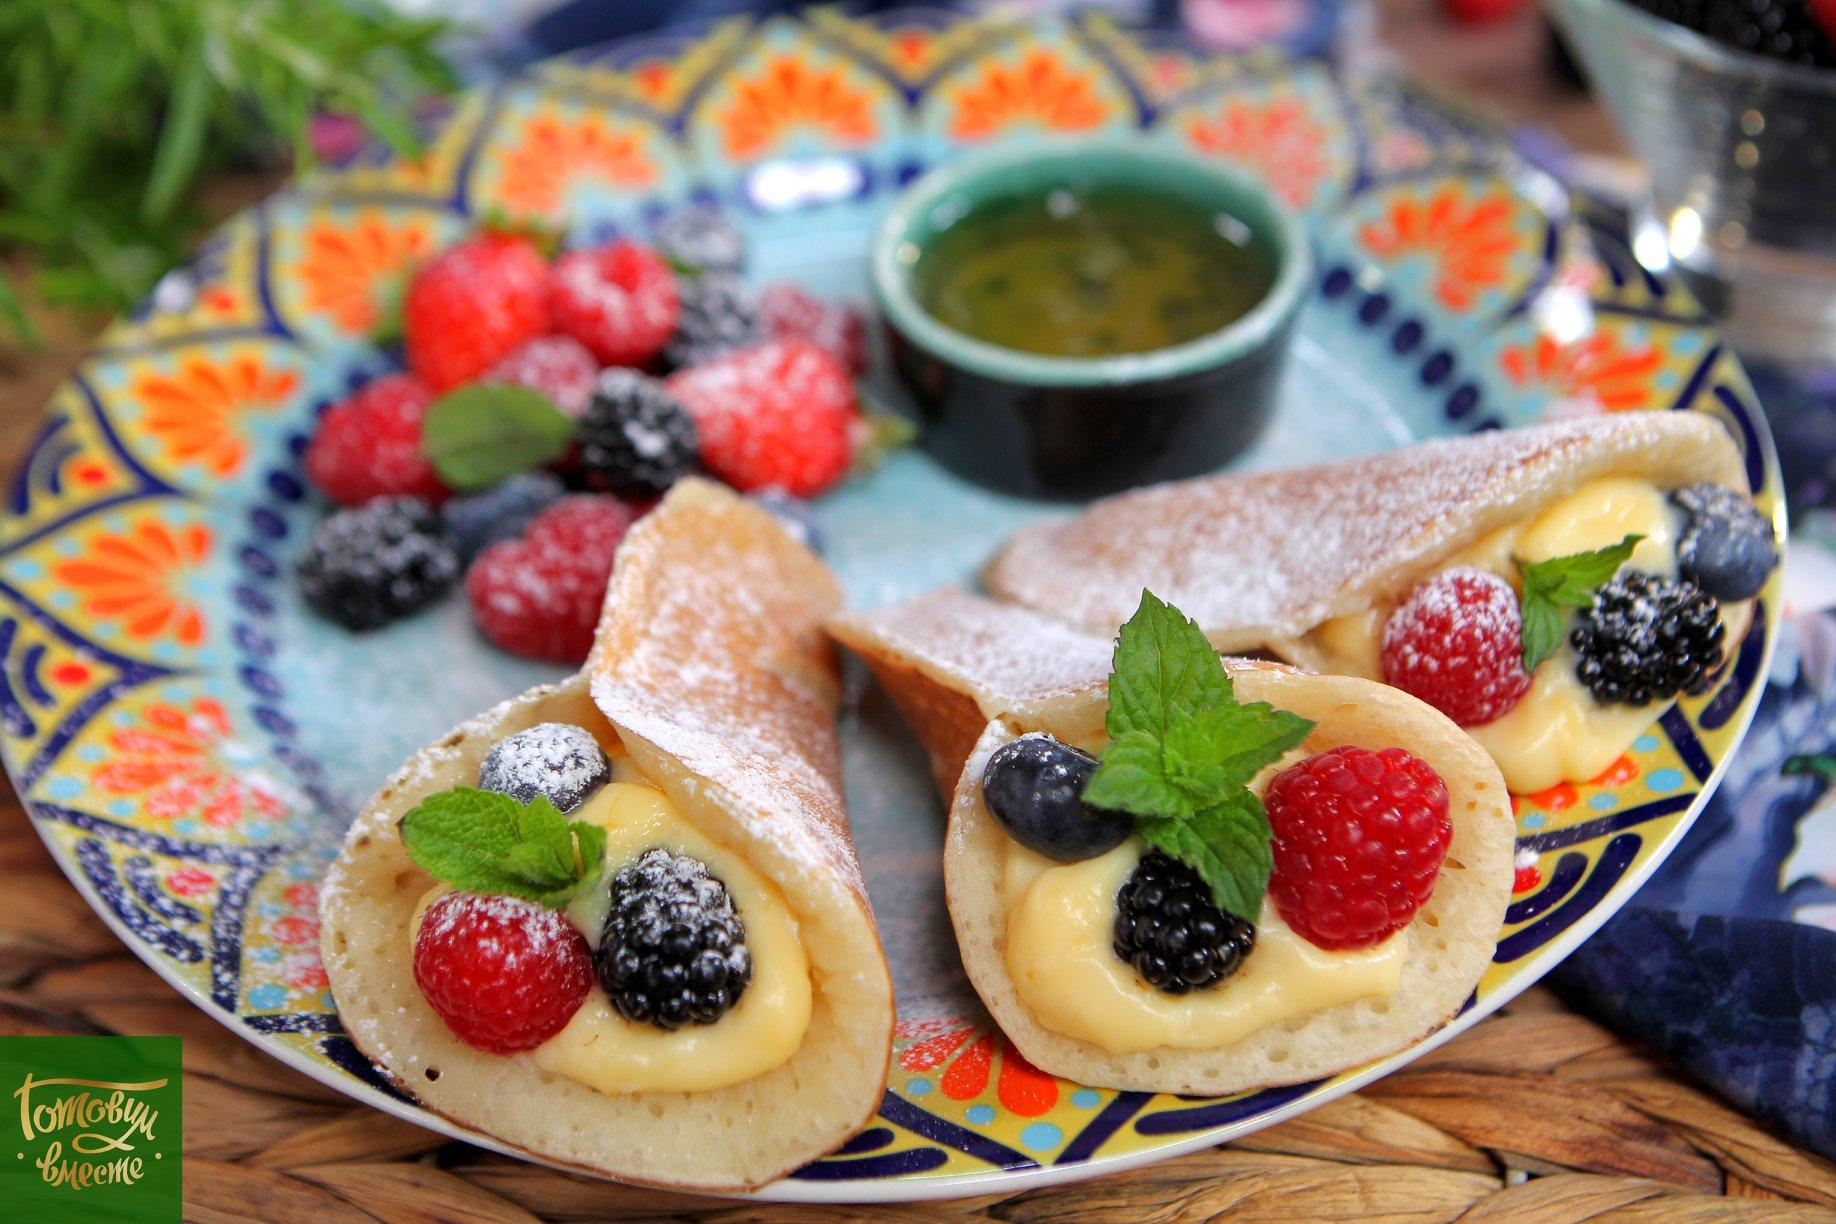 Блинчики катаеф с заварным кремом и ягодами